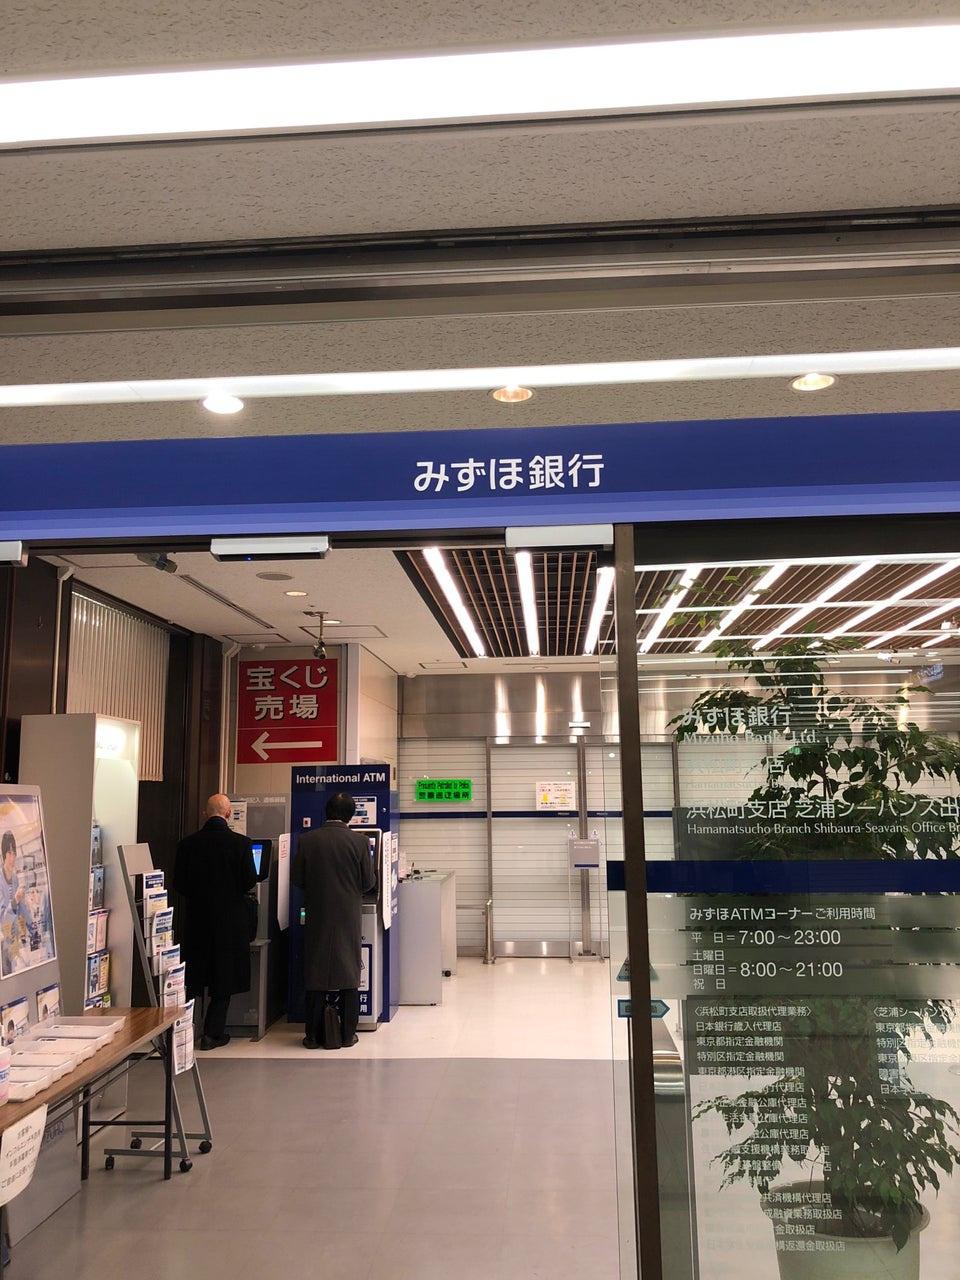 支店 岐阜 みずほ 銀行